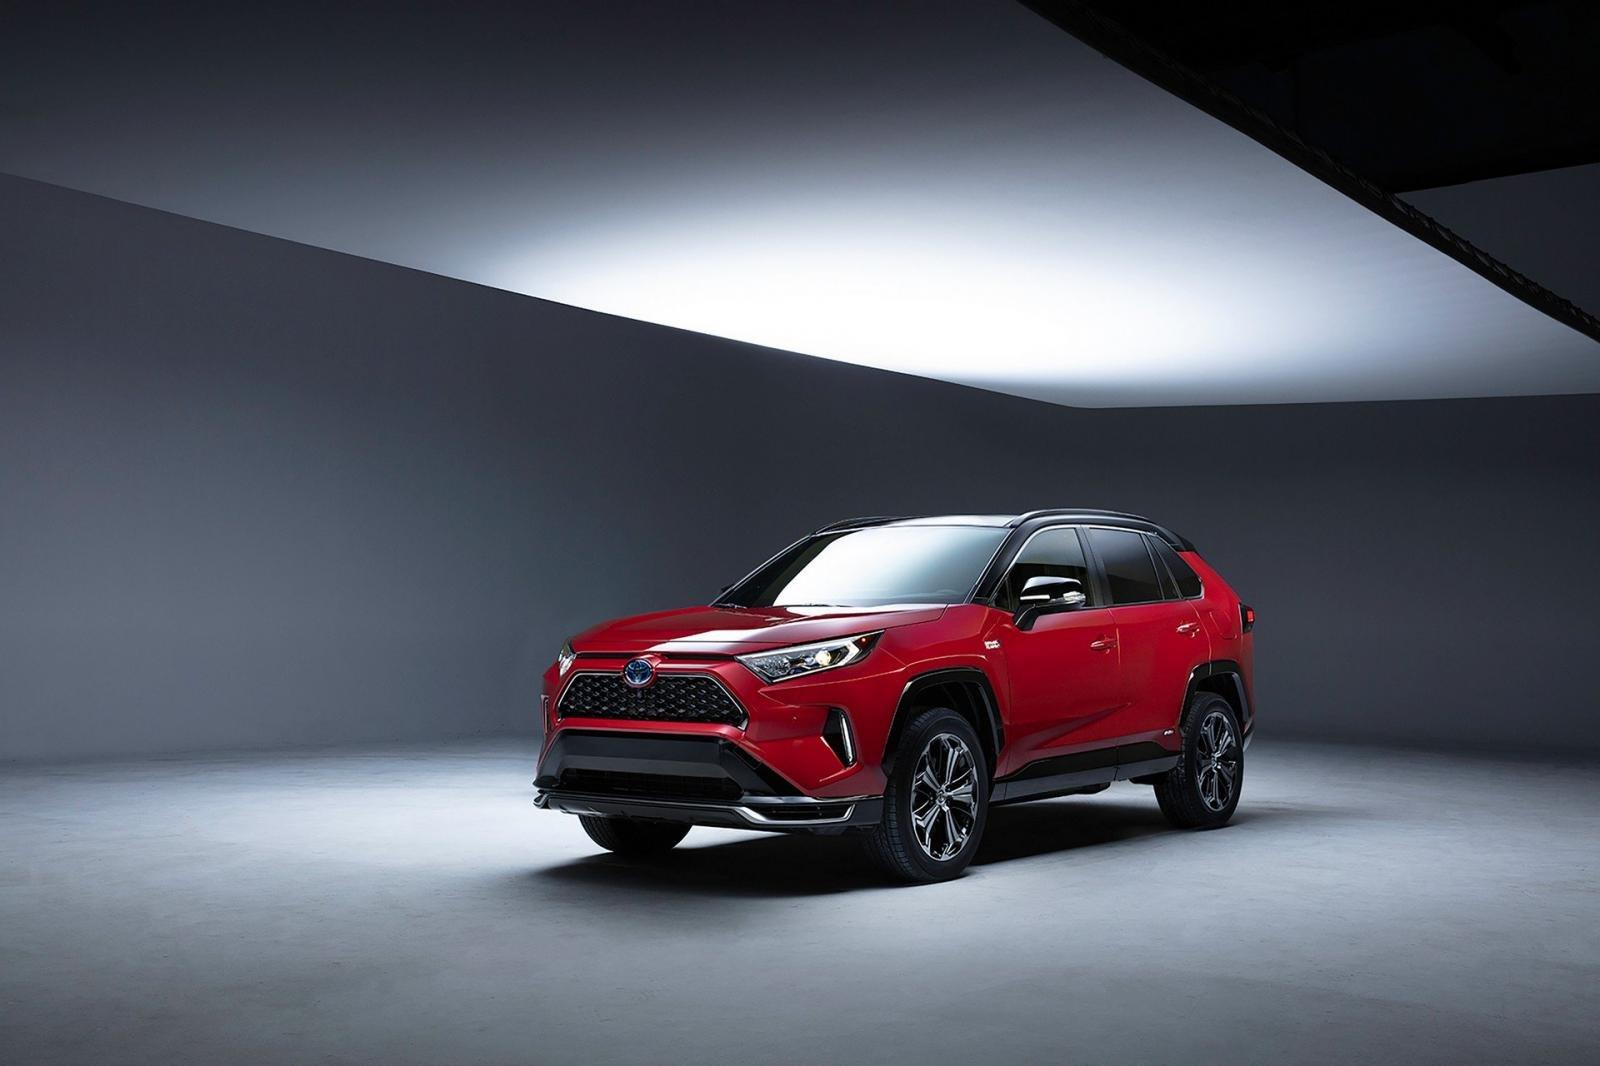 Toyota RAV4 plug-in hybrid 2021 sẽ ra mắt tại Triển lãm Ô tô Los Angeles vào 20/11.